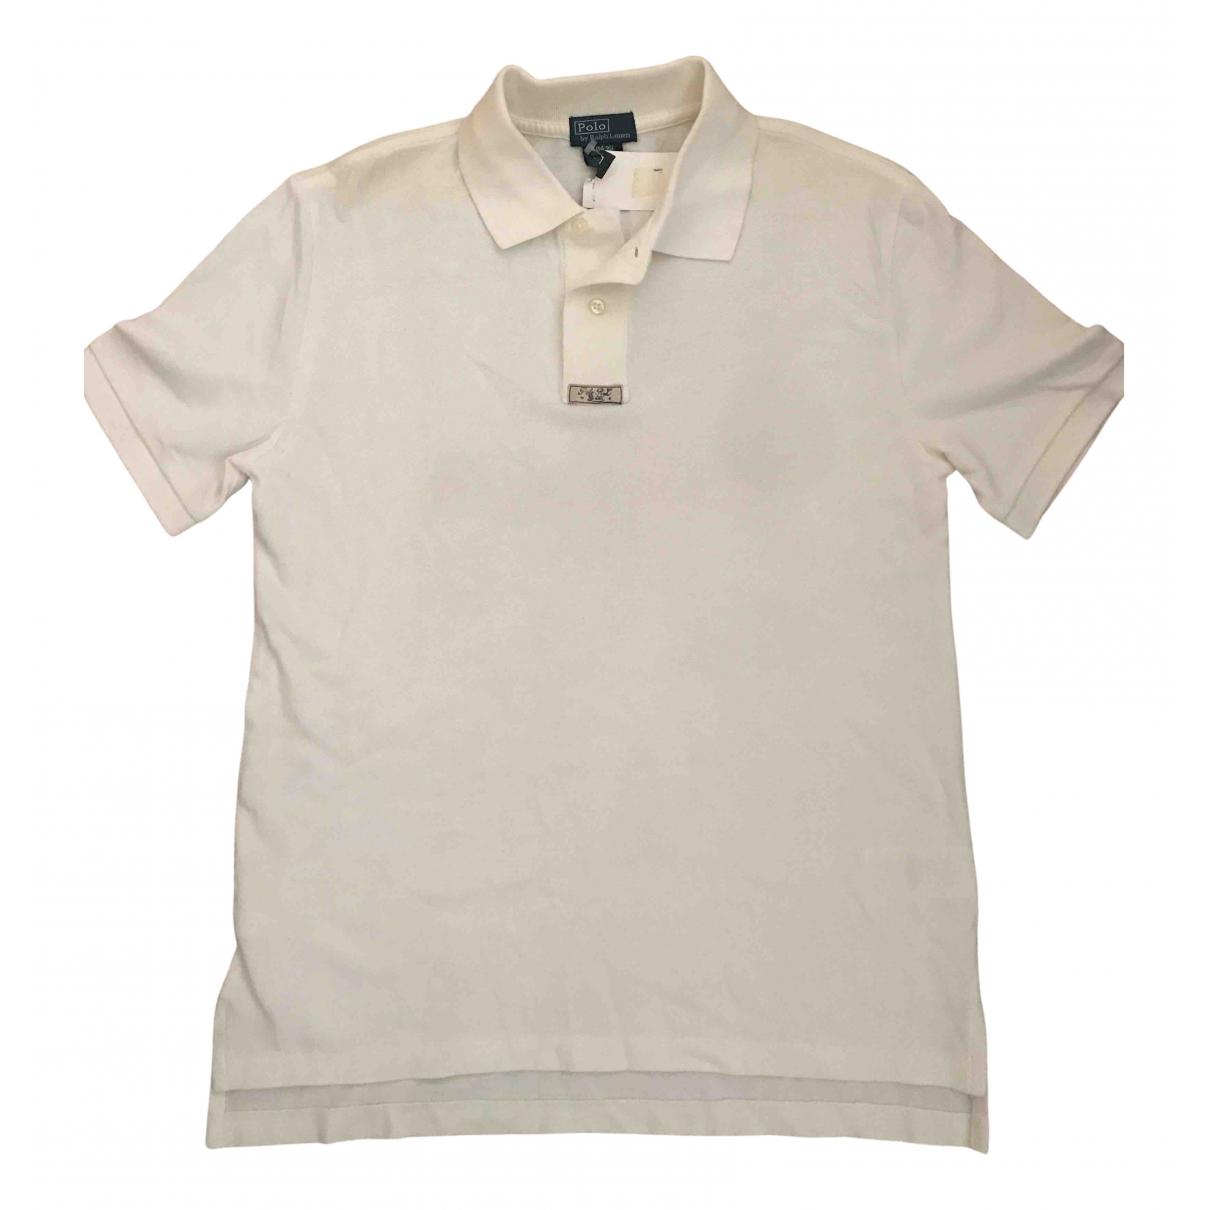 Camisetas en Algodon Beige Polo Ralph Lauren